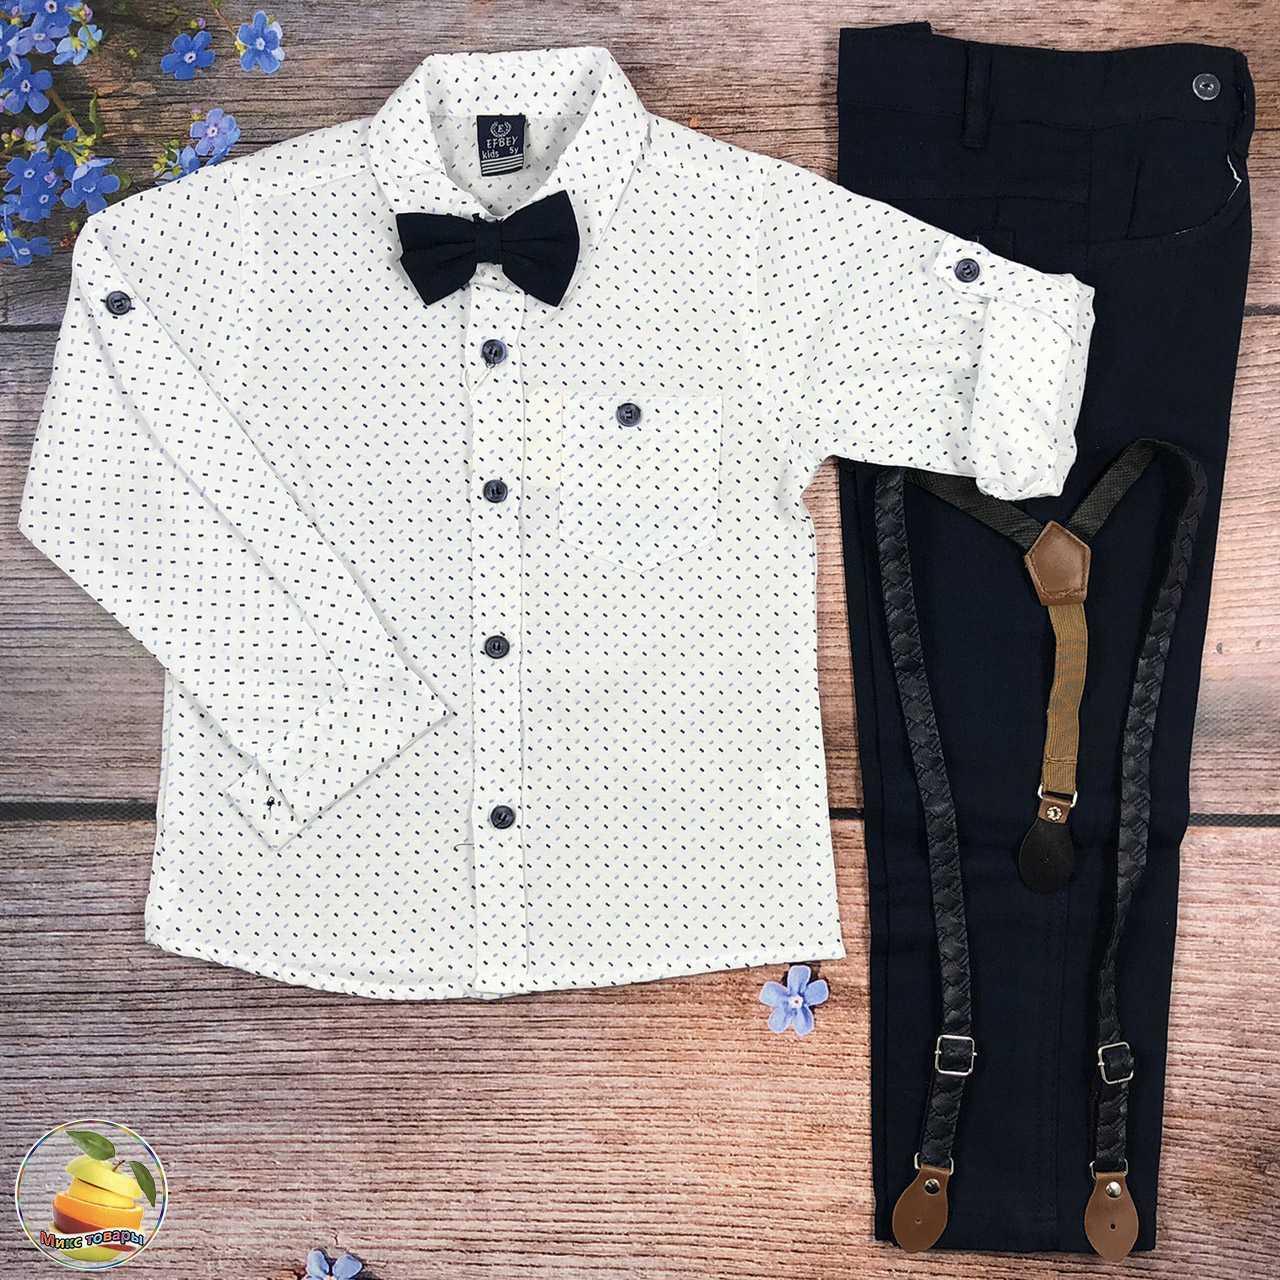 Костюм с рубашкой для мальчика Размеры: 110,116,122,128 см (9371)